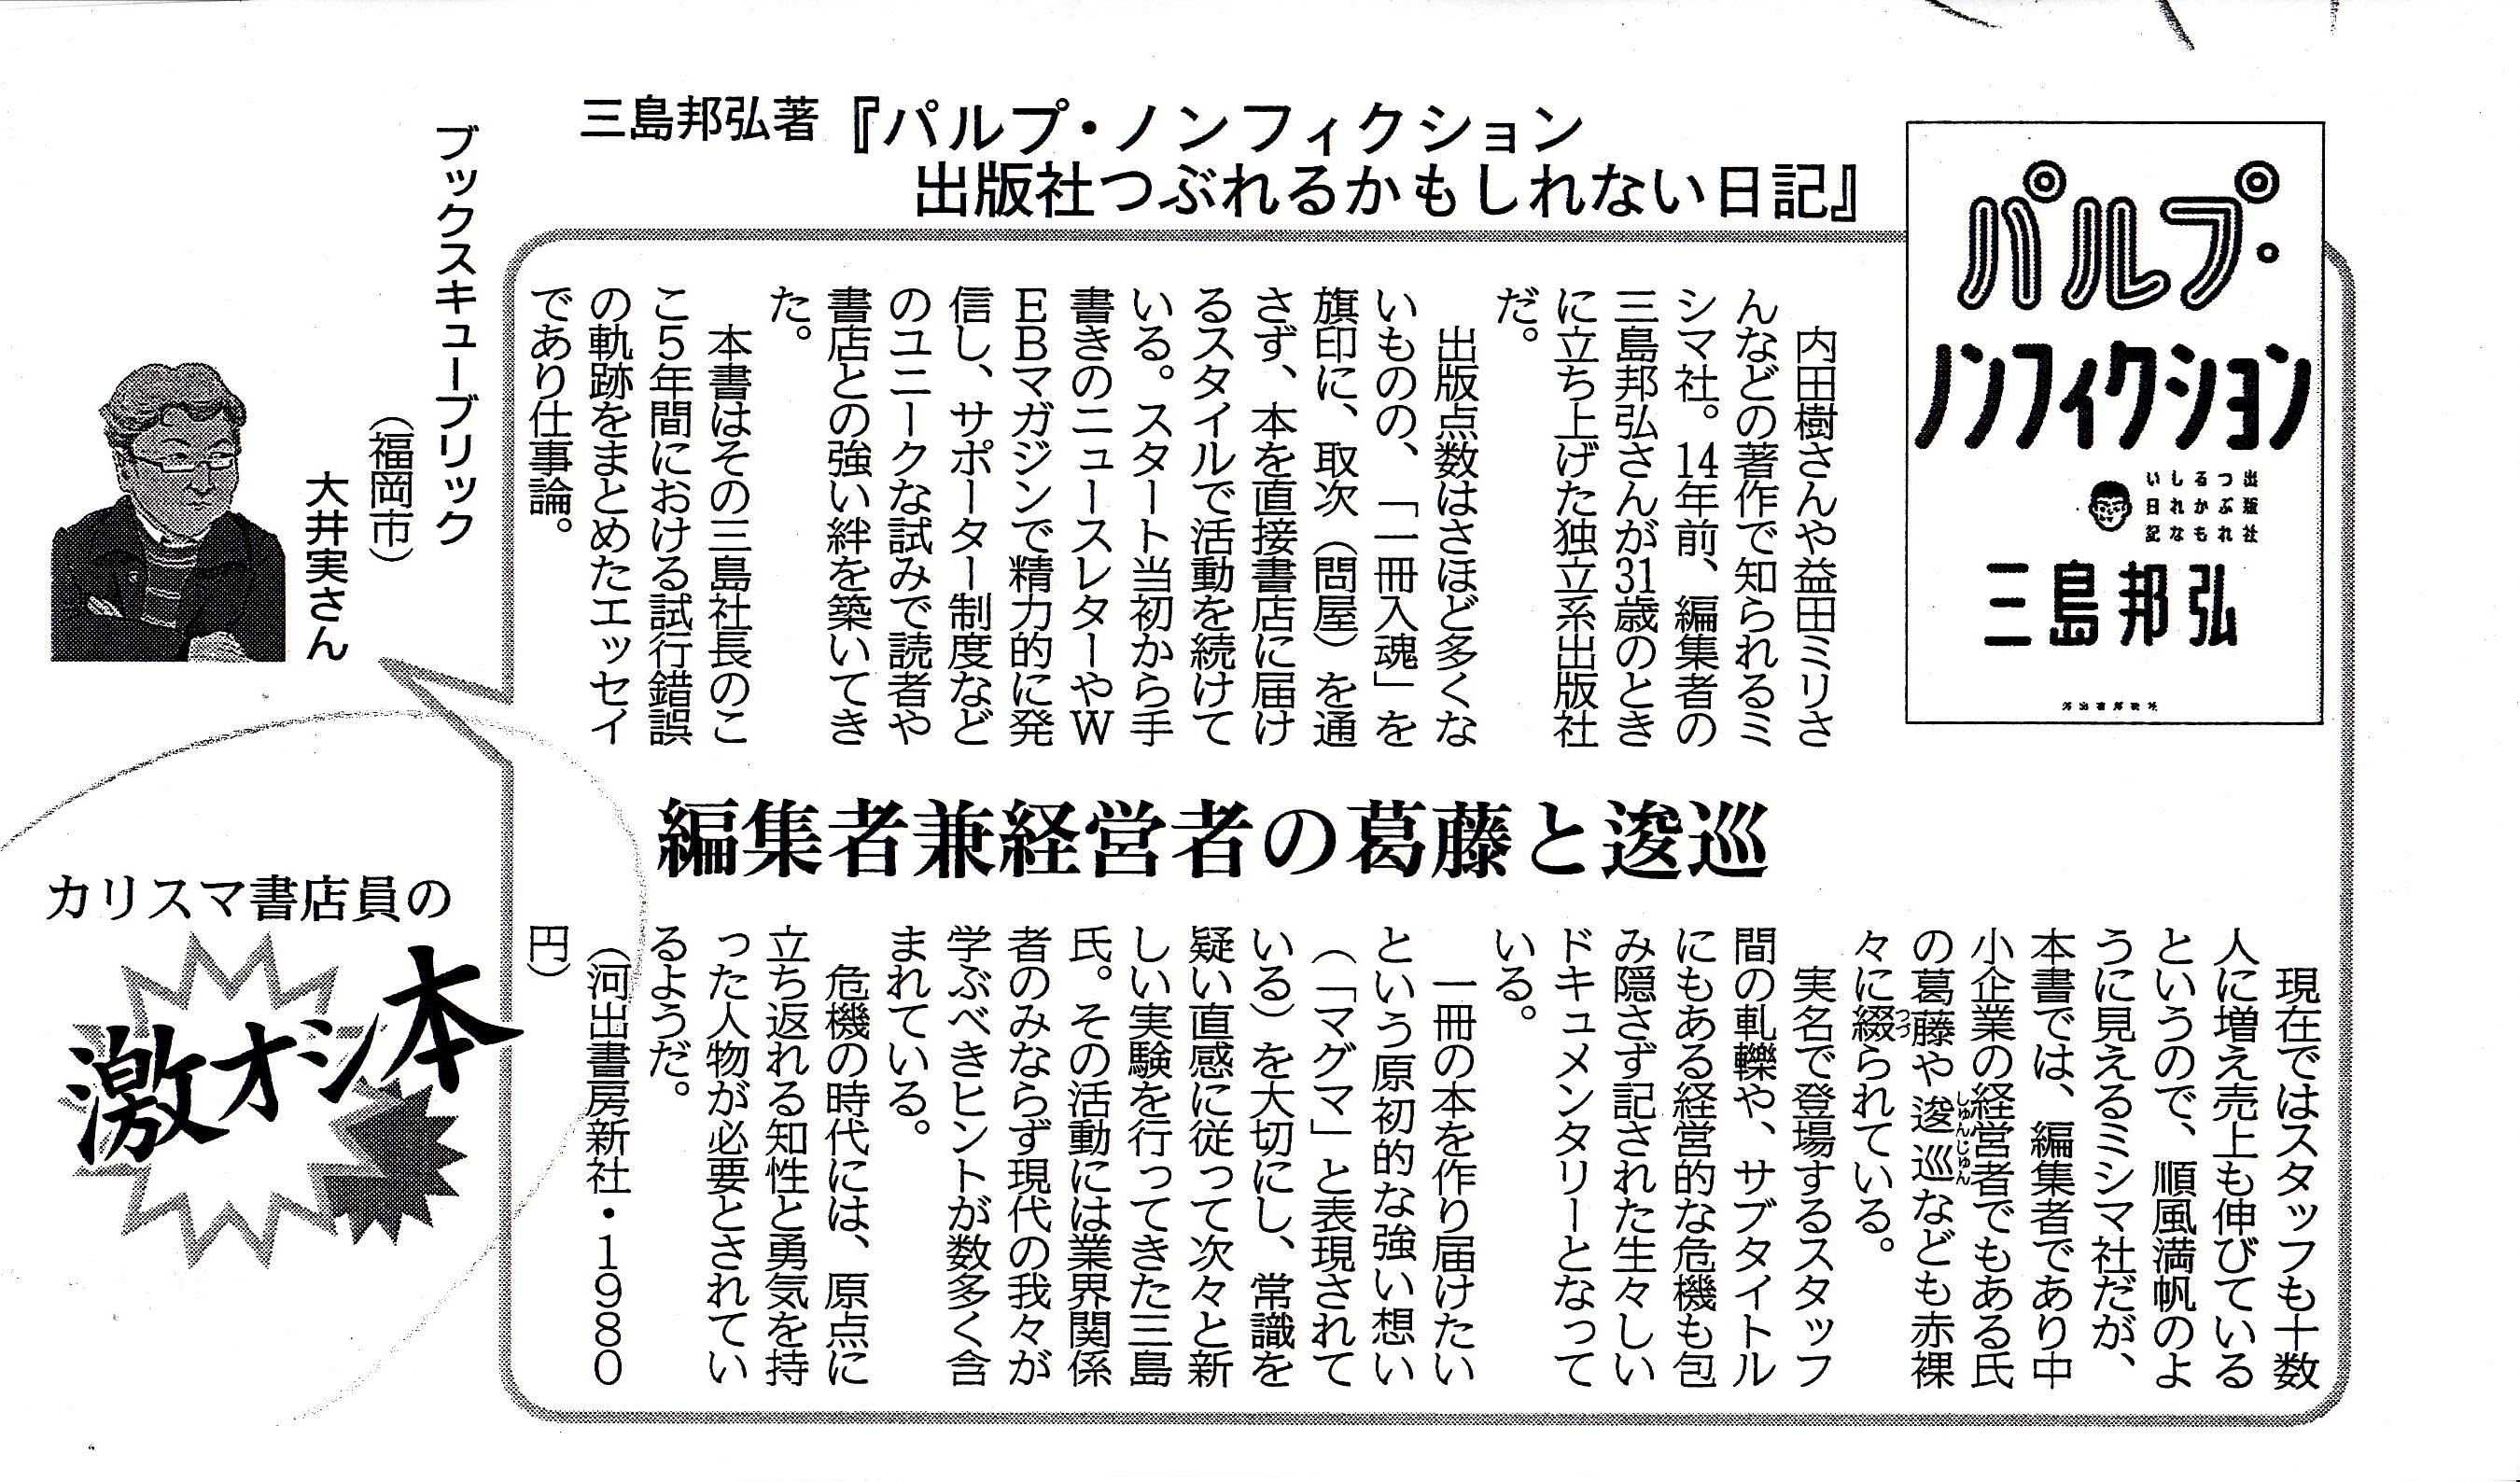 <第26回>西日本新聞「カリスマ書店員の激オシ本」に店主が寄稿しました。